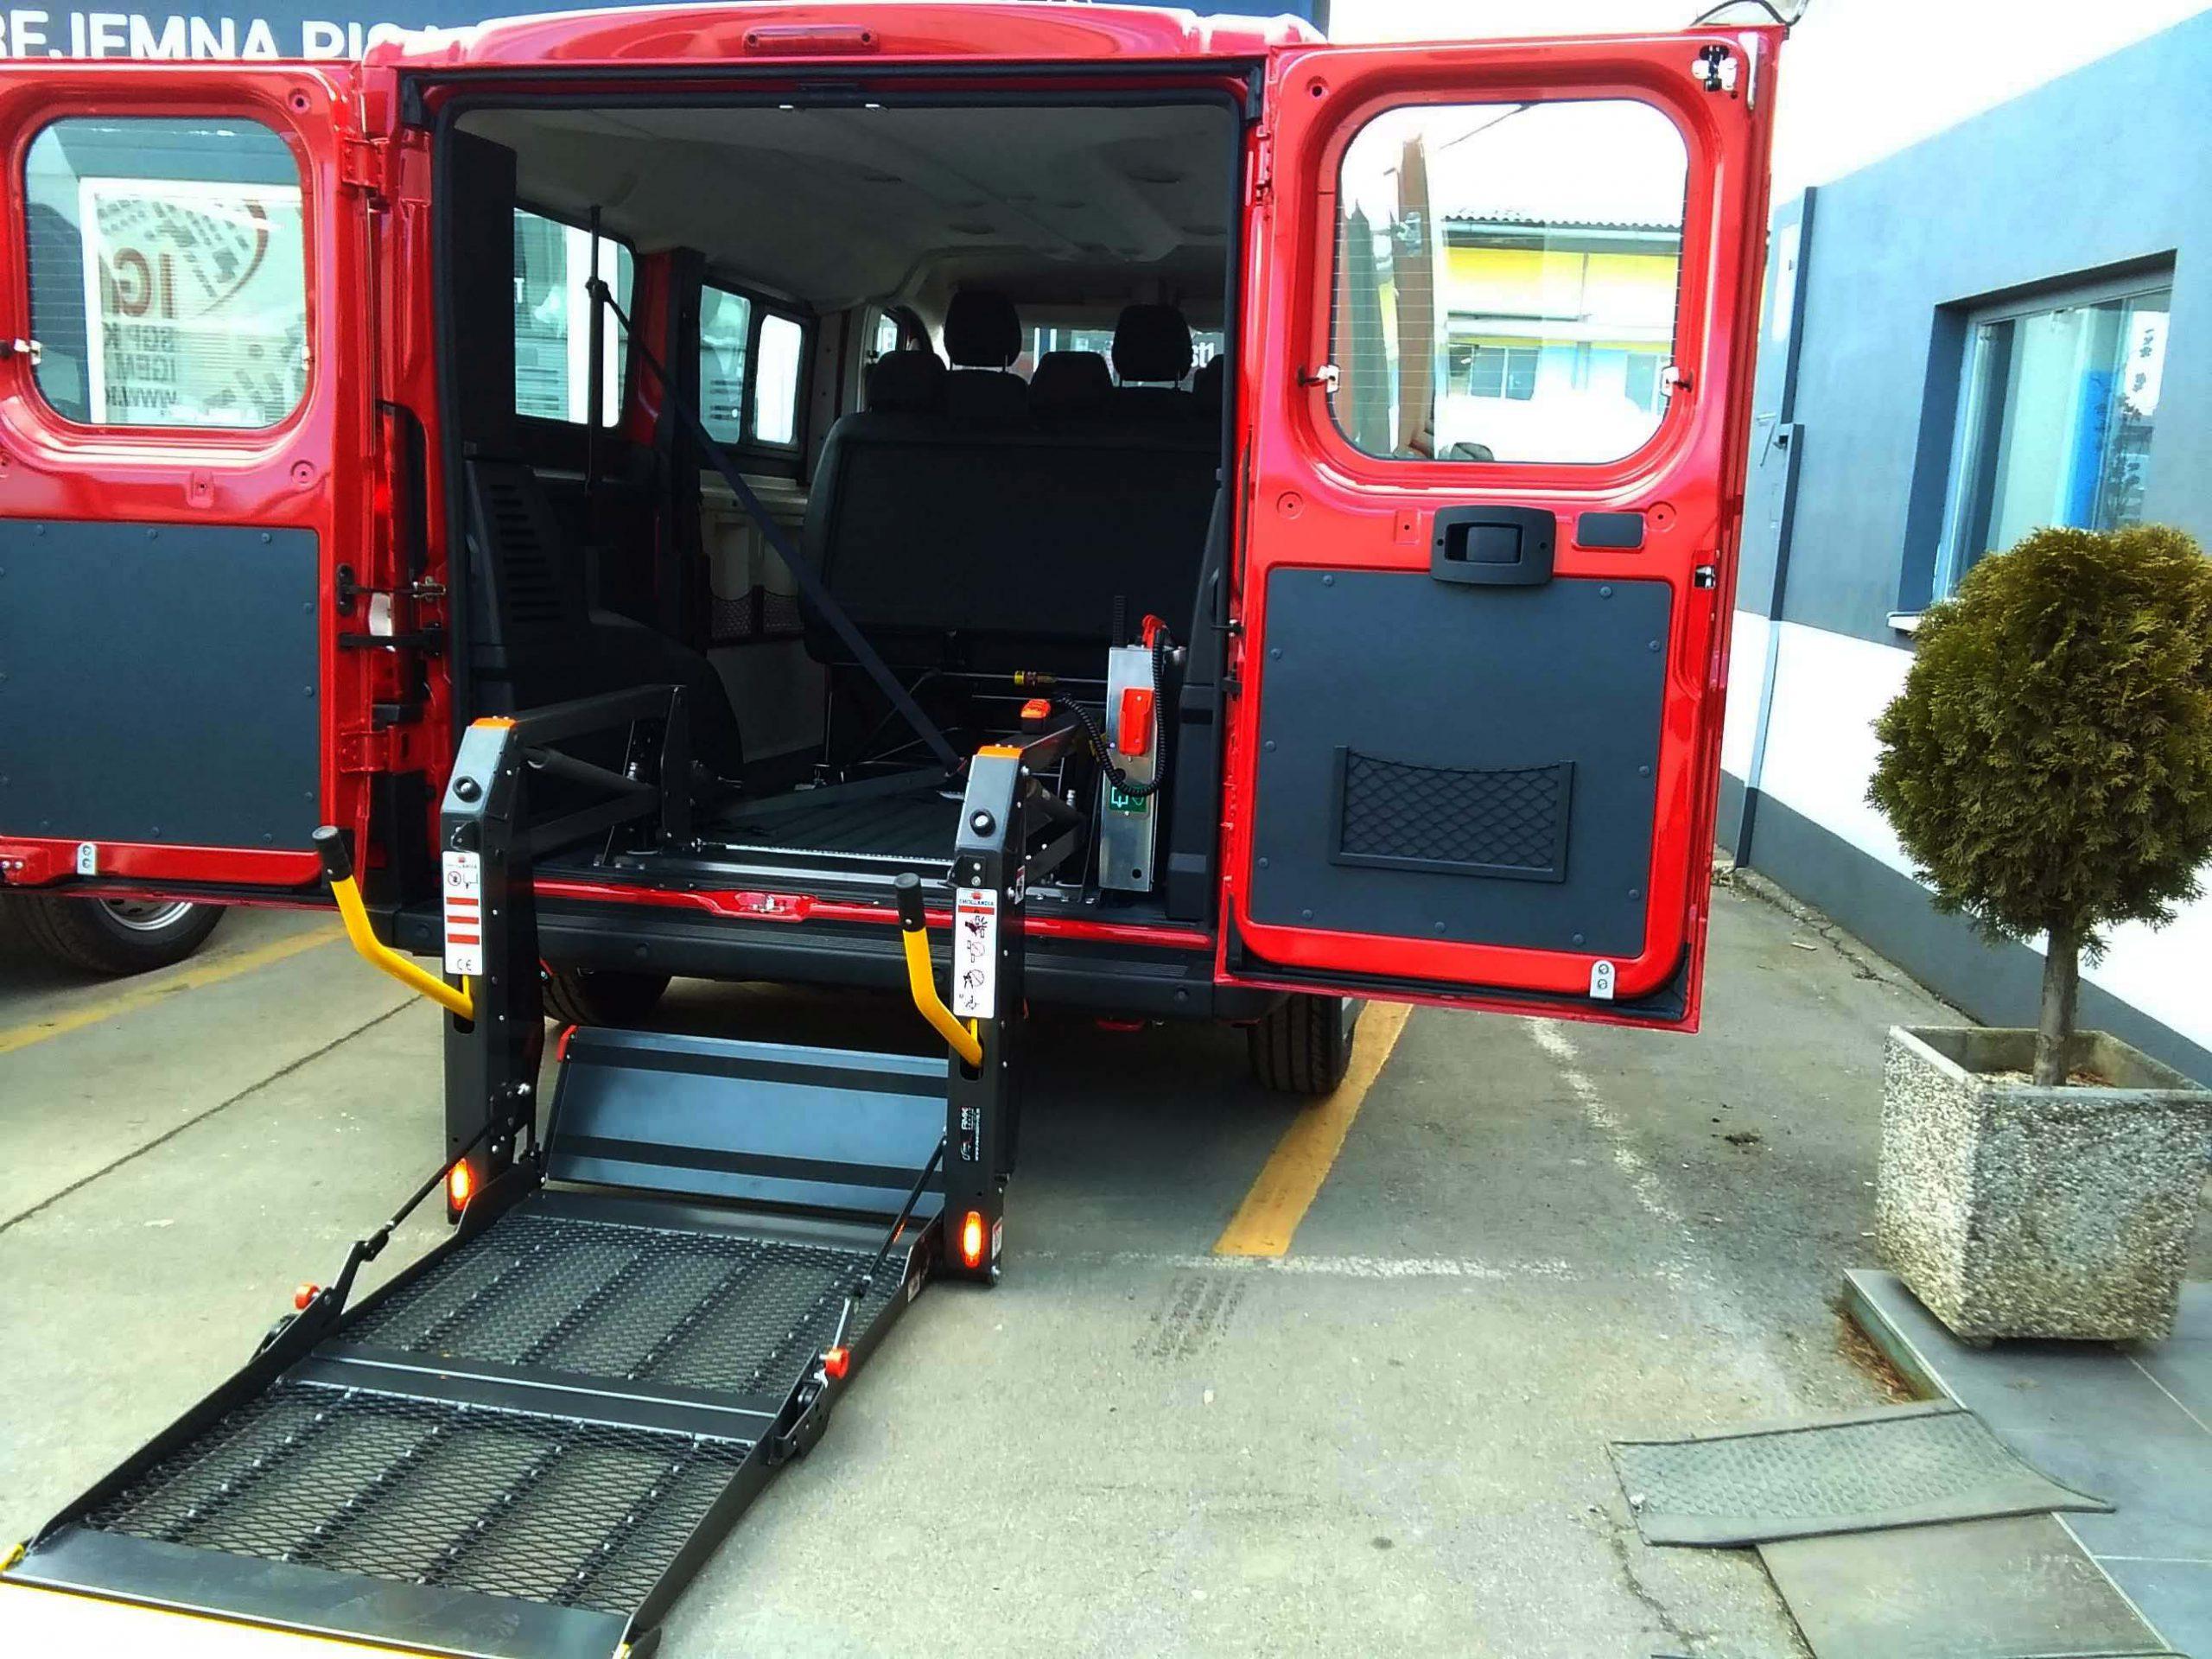 Osebno dvigalo za prevoz invalidov